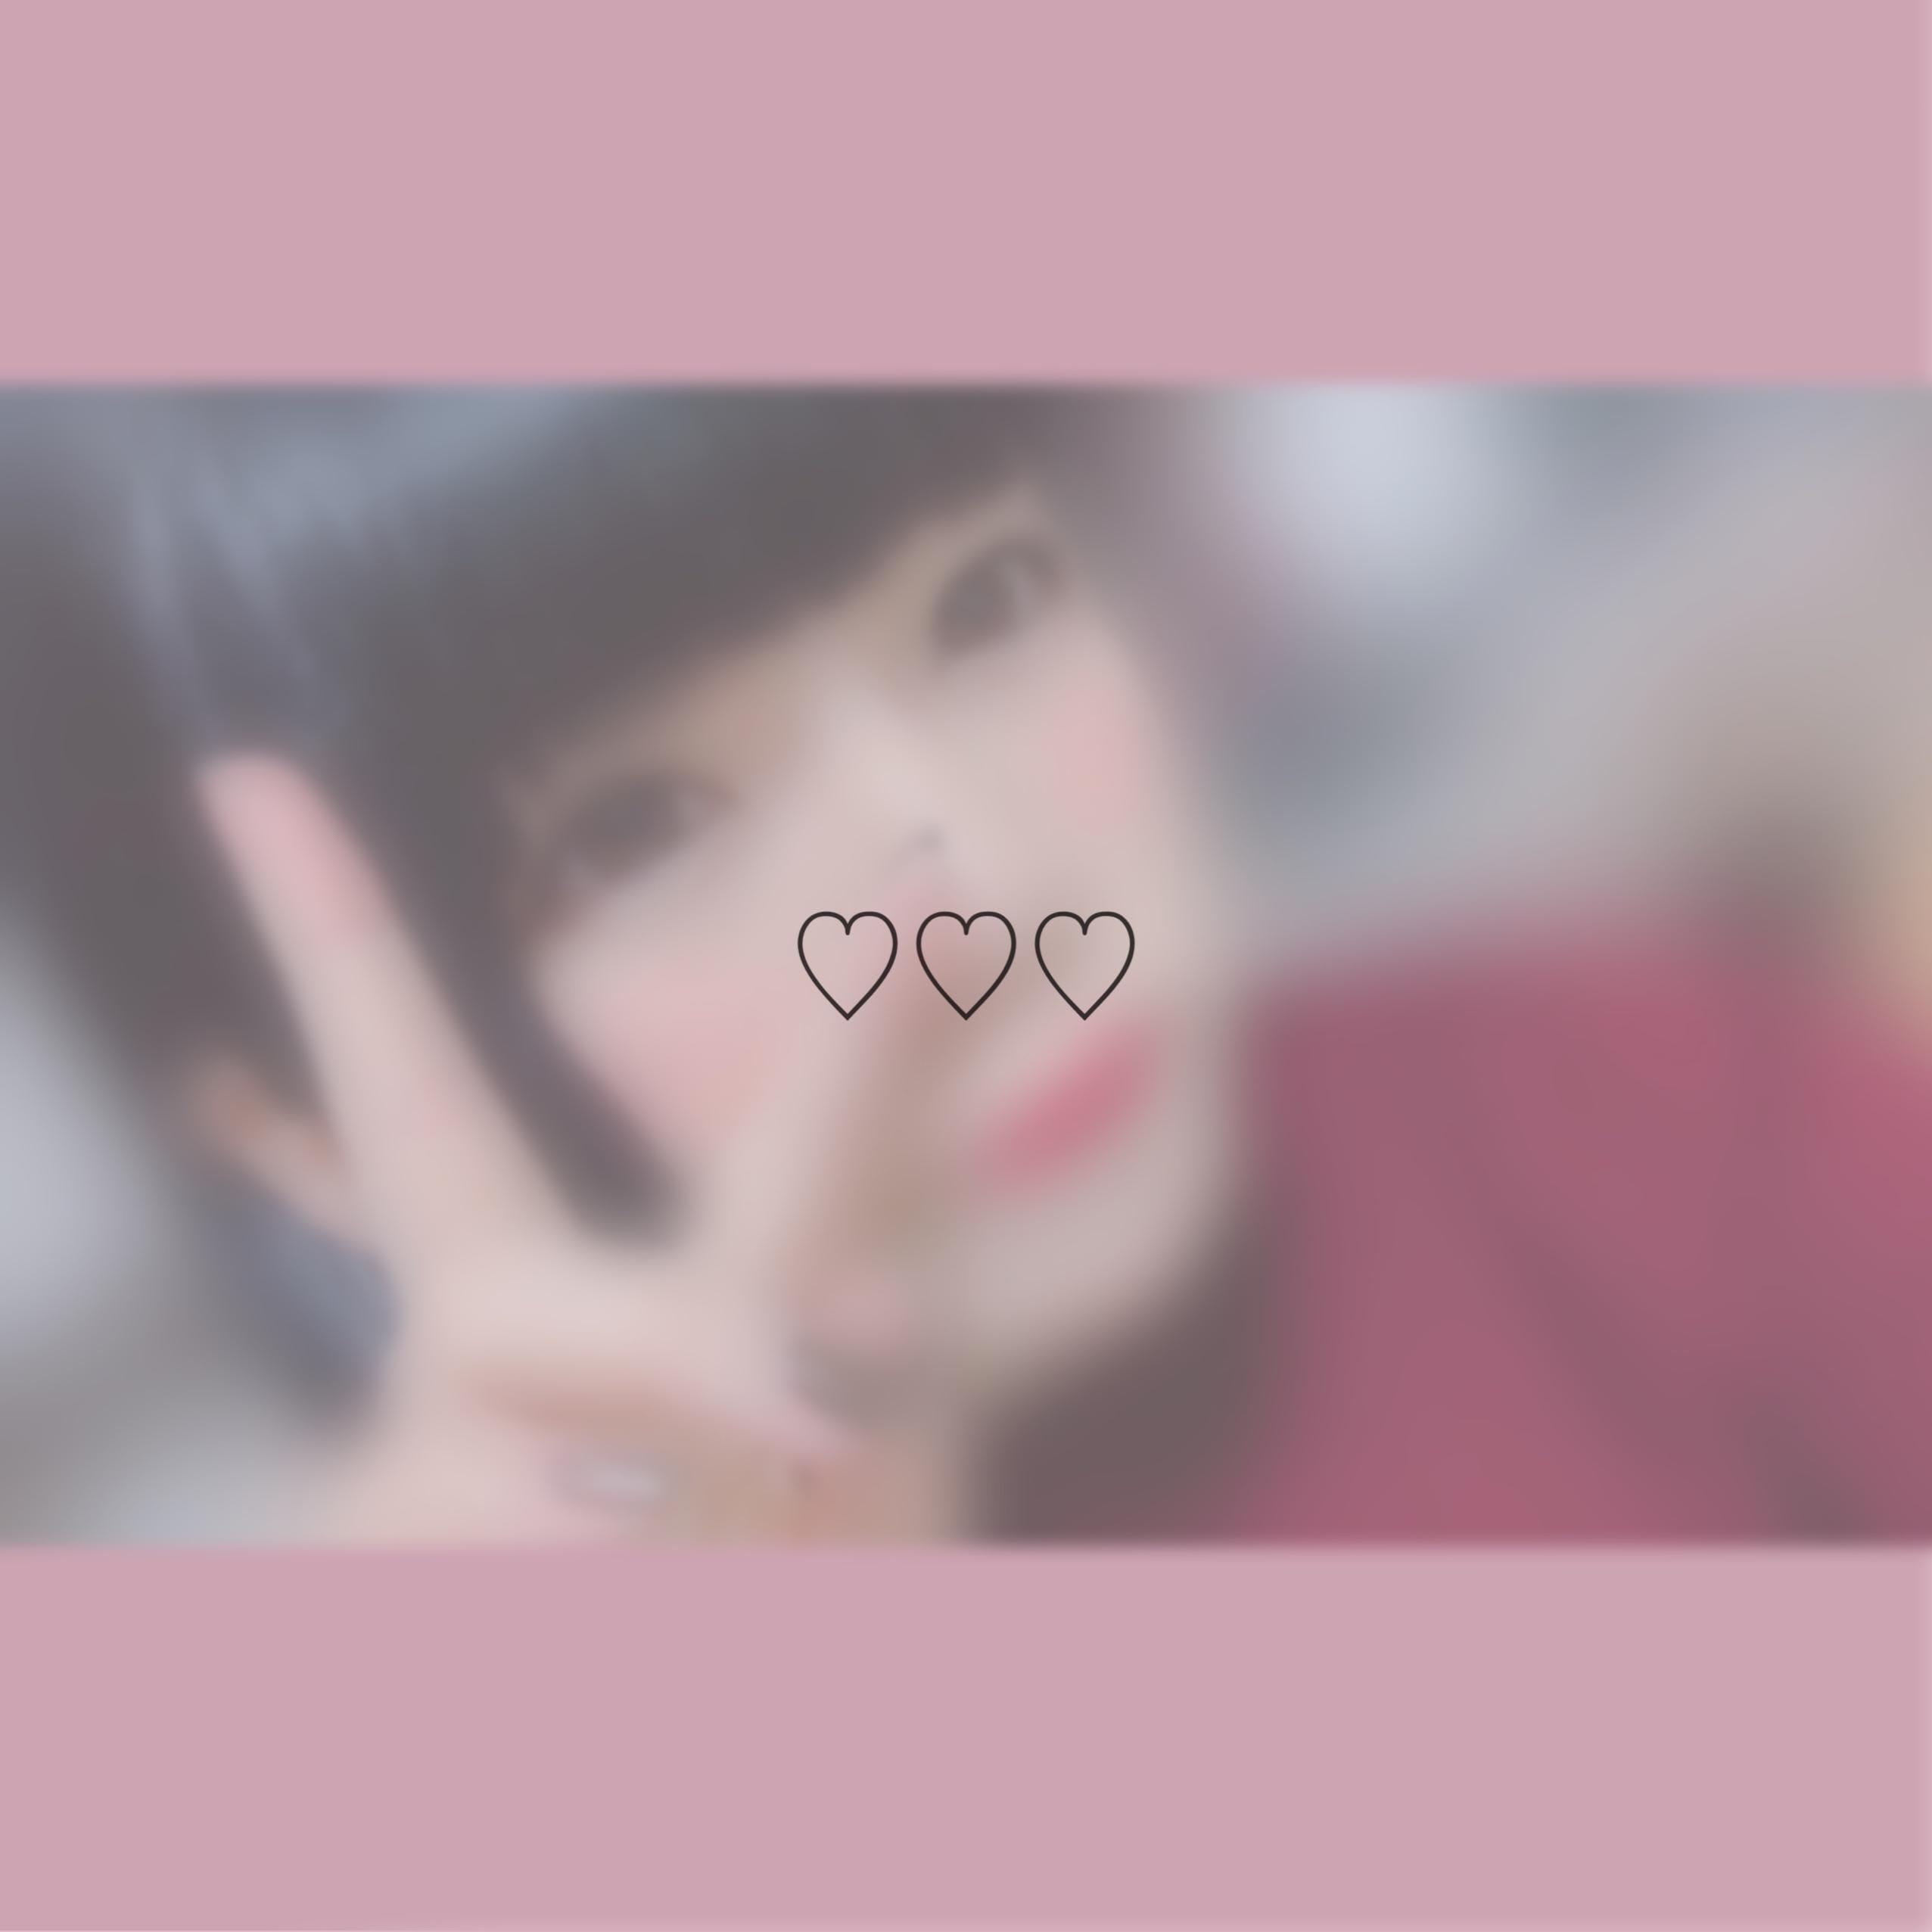 「しゅつどう!!!」11/05(月) 13:03   Kaera(かえら)の写メ・風俗動画